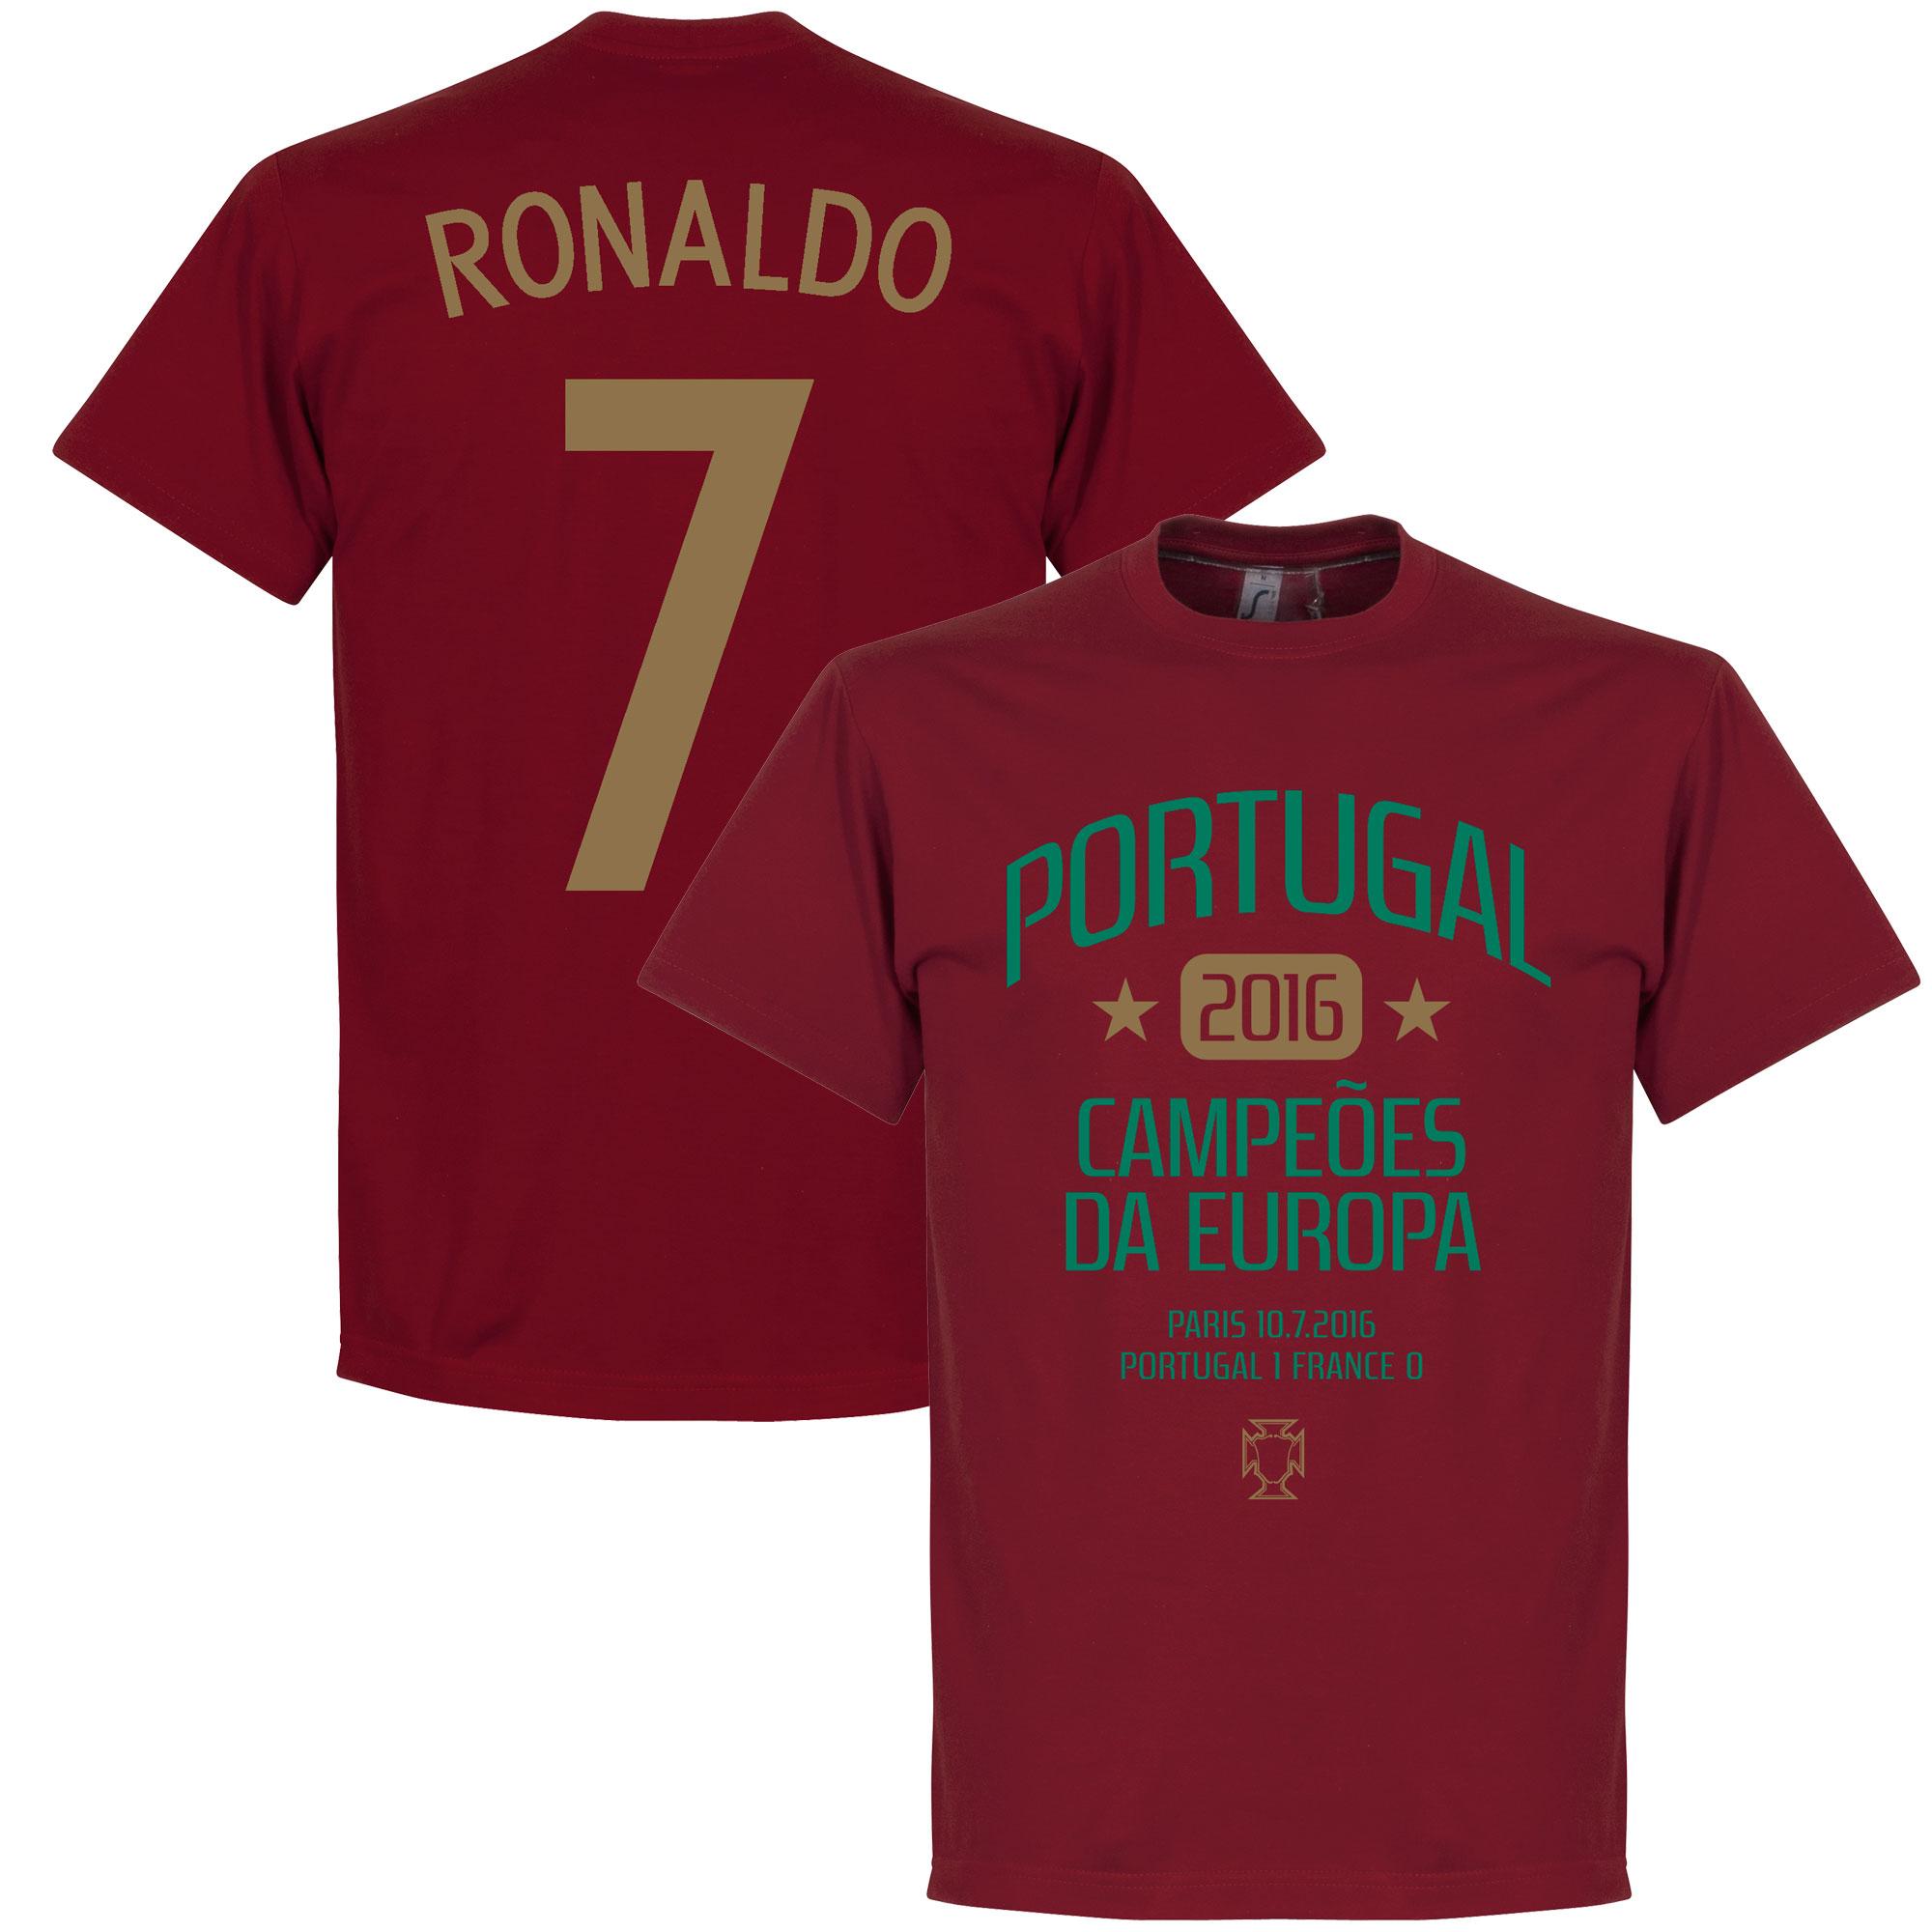 Portugal European Champions 2016 Ronaldo Tee - Deep Red - XL